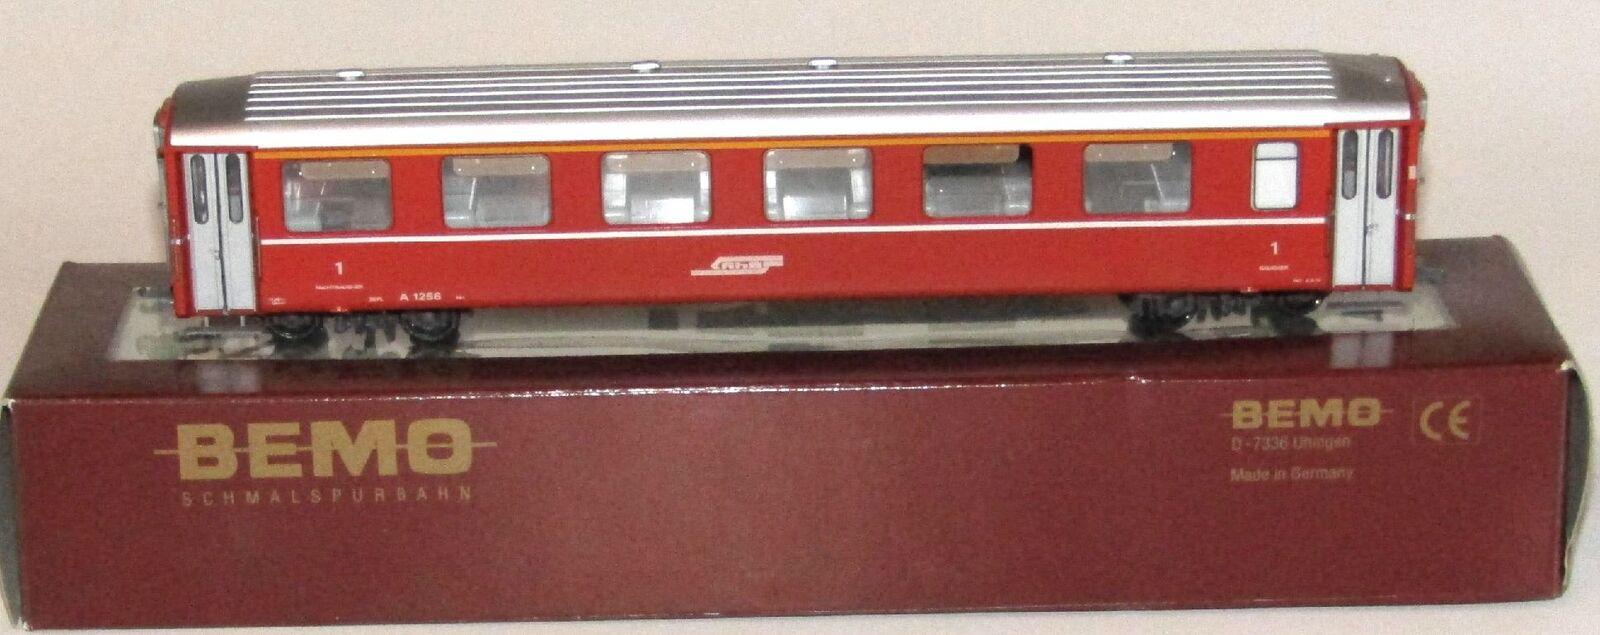 marca en liquidación de venta BEMO RhB Einheits-Personenwagen 1. Kl. A 1256 rojo, rojo, rojo, H0m, Art.3268 126, OVP  el mejor servicio post-venta